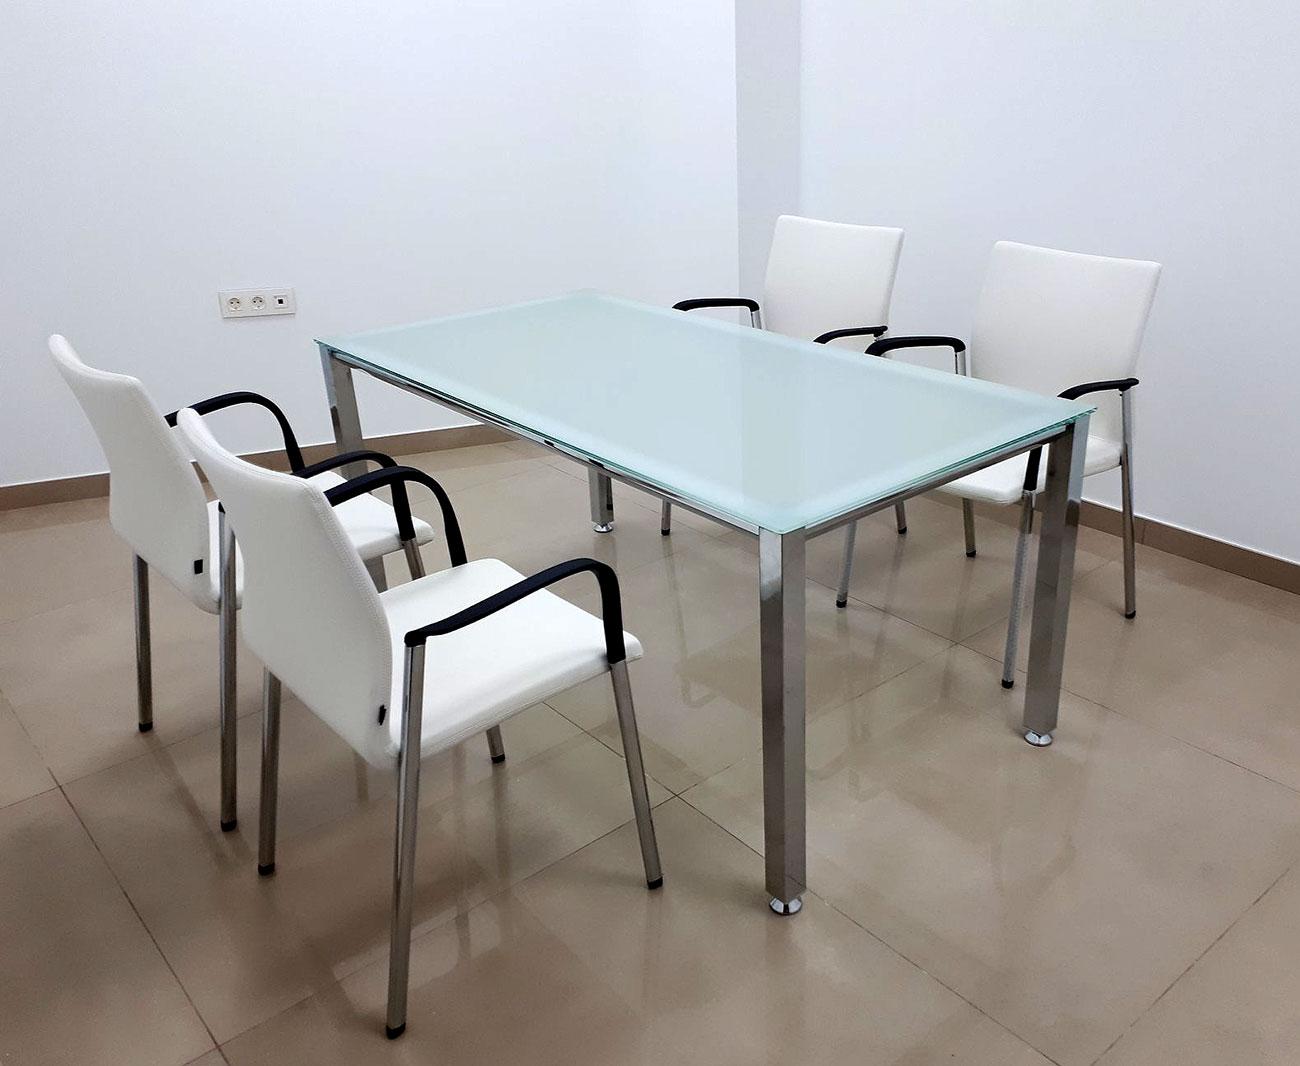 proyecto-oficox-callosa-mesas-reuniones